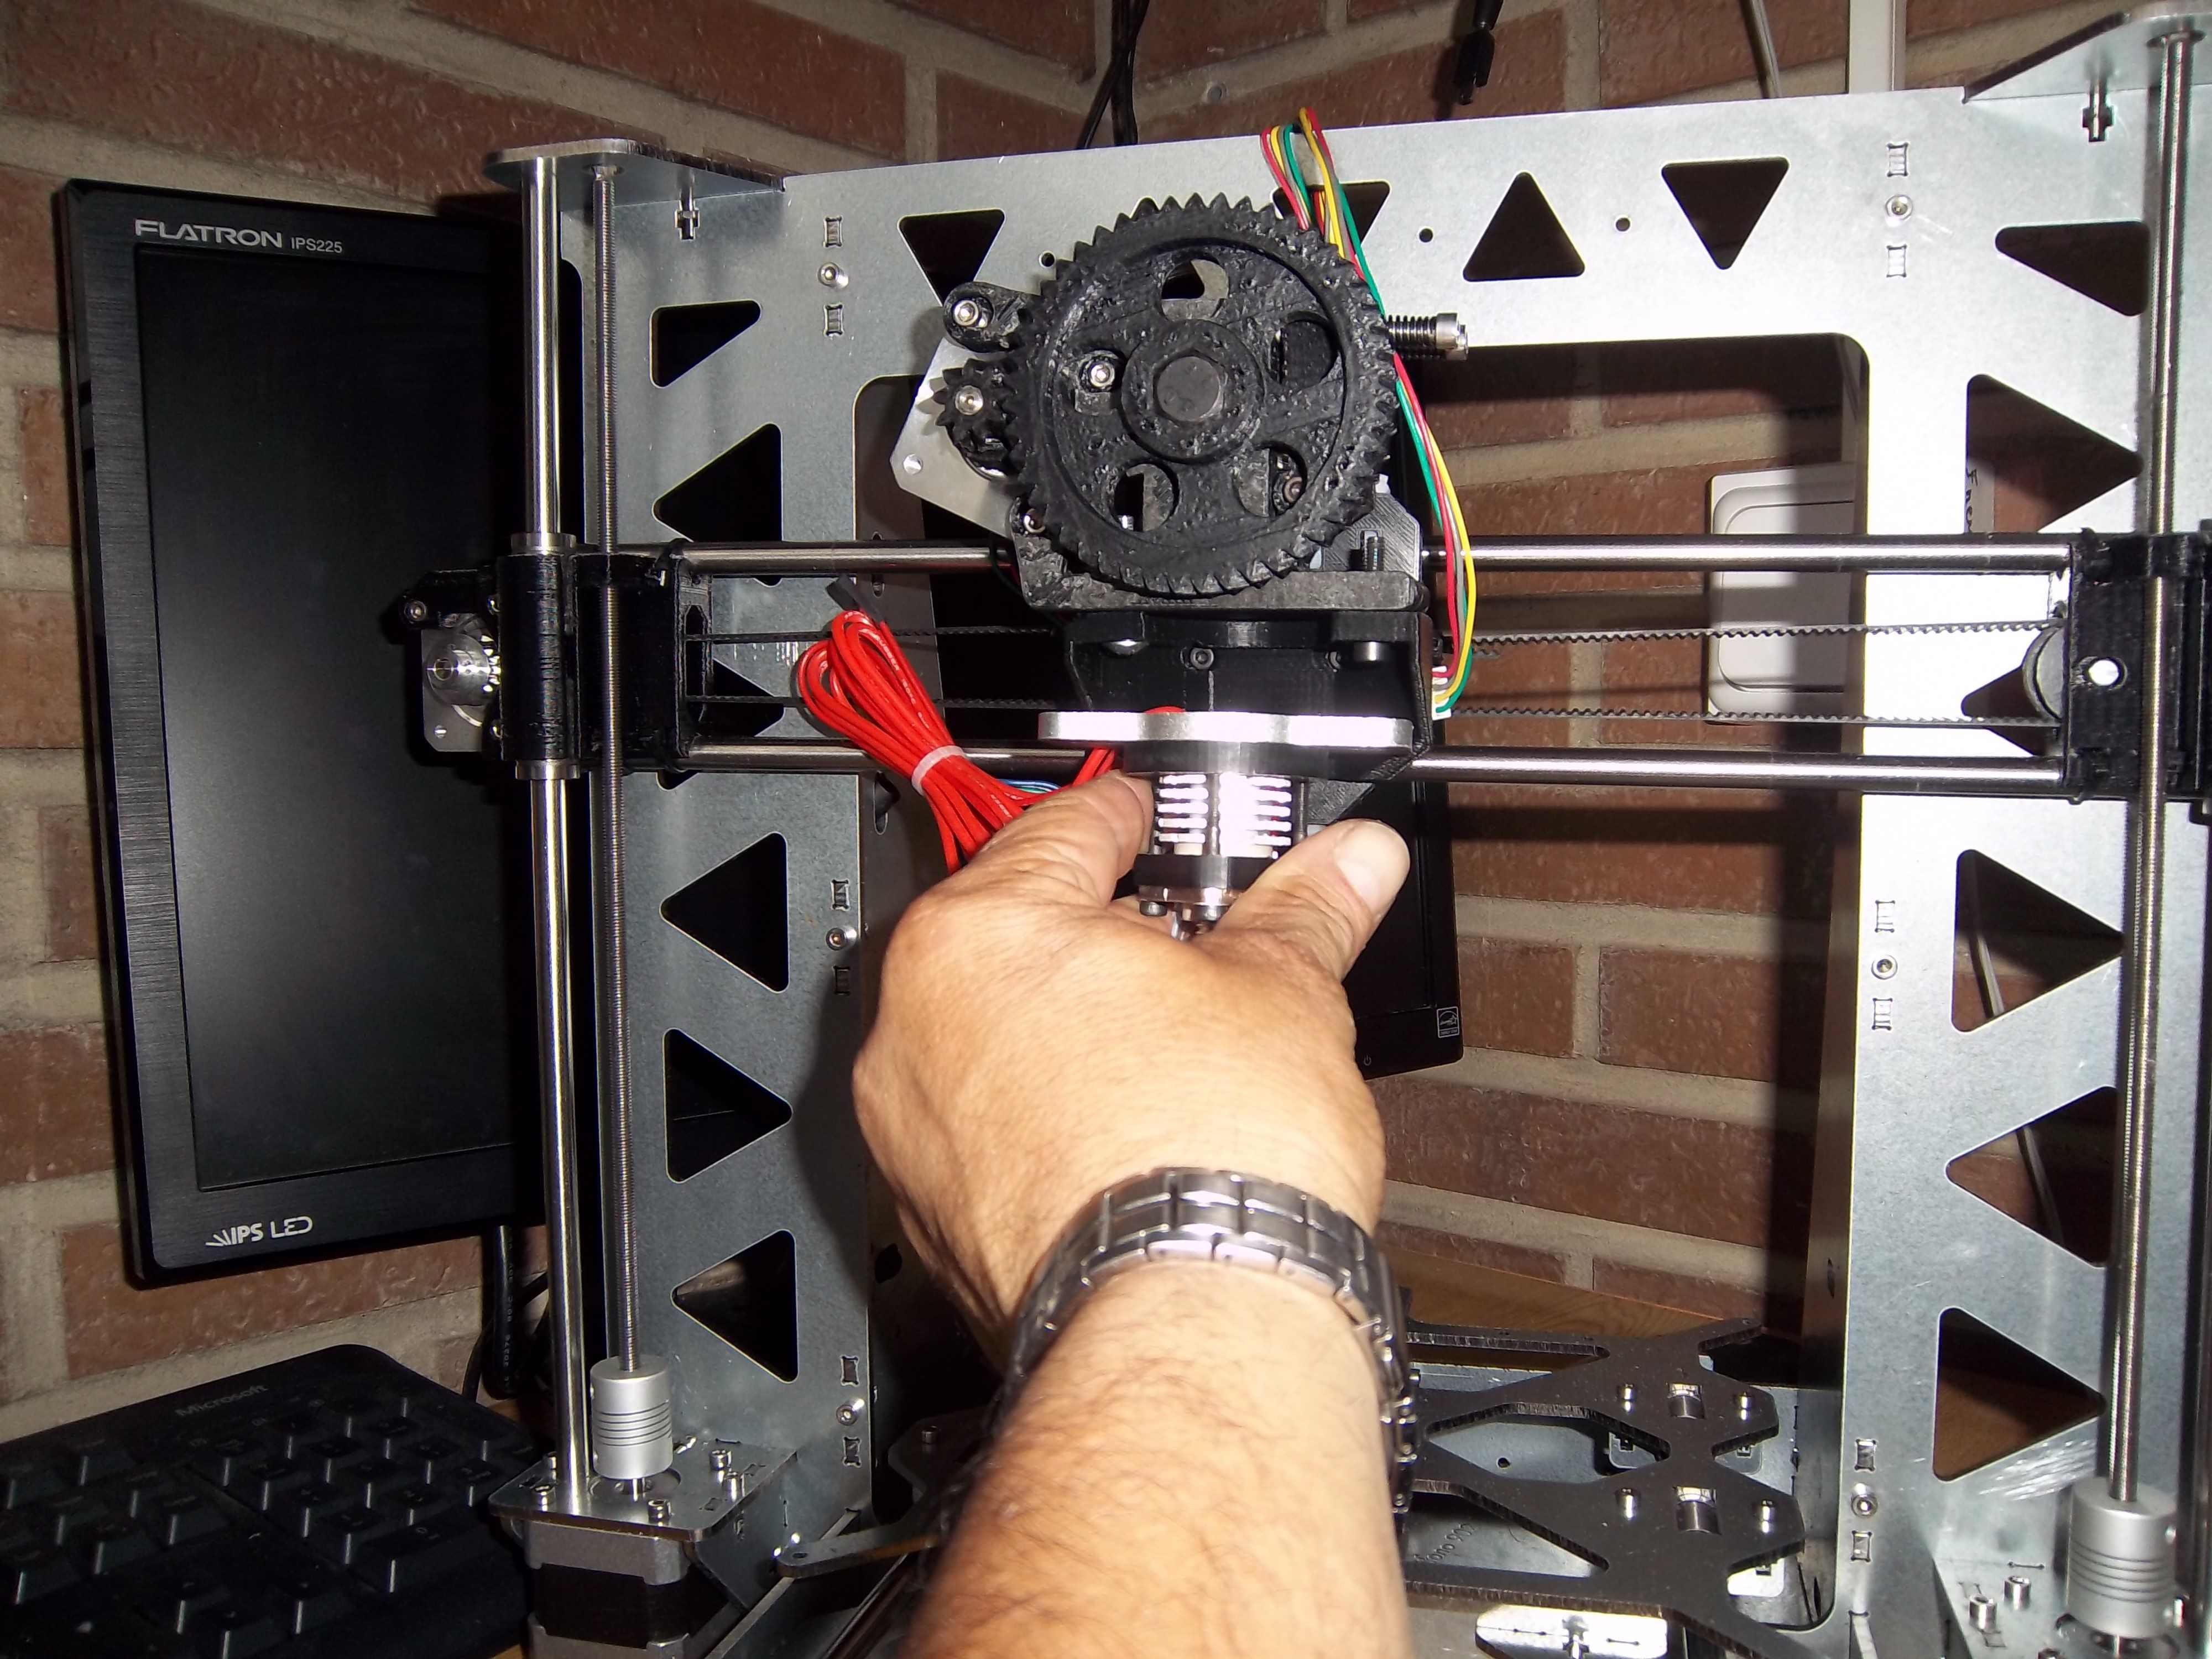 Montaje del extrusor de impresora 3D